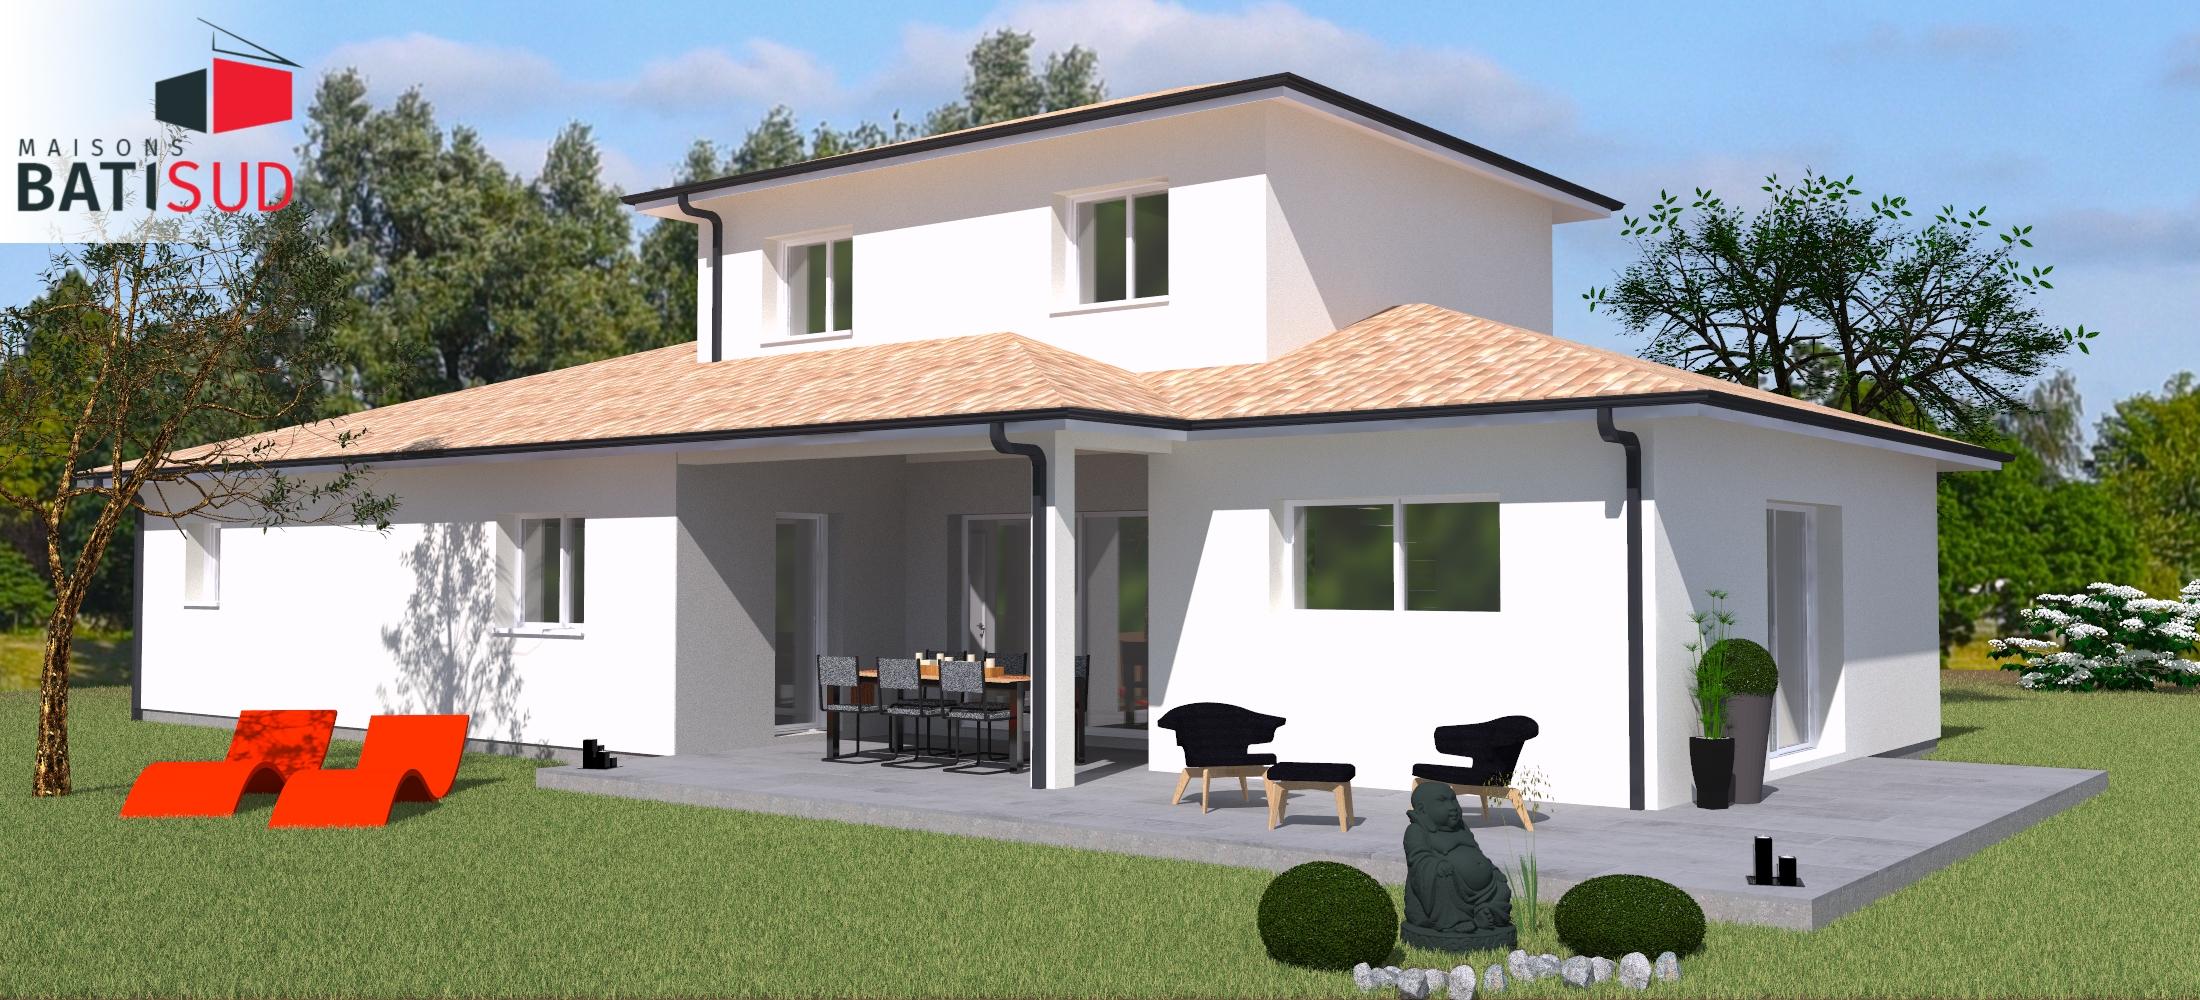 Maisons Bati Sud : Maison familiale de 125m² avec garage à Mios